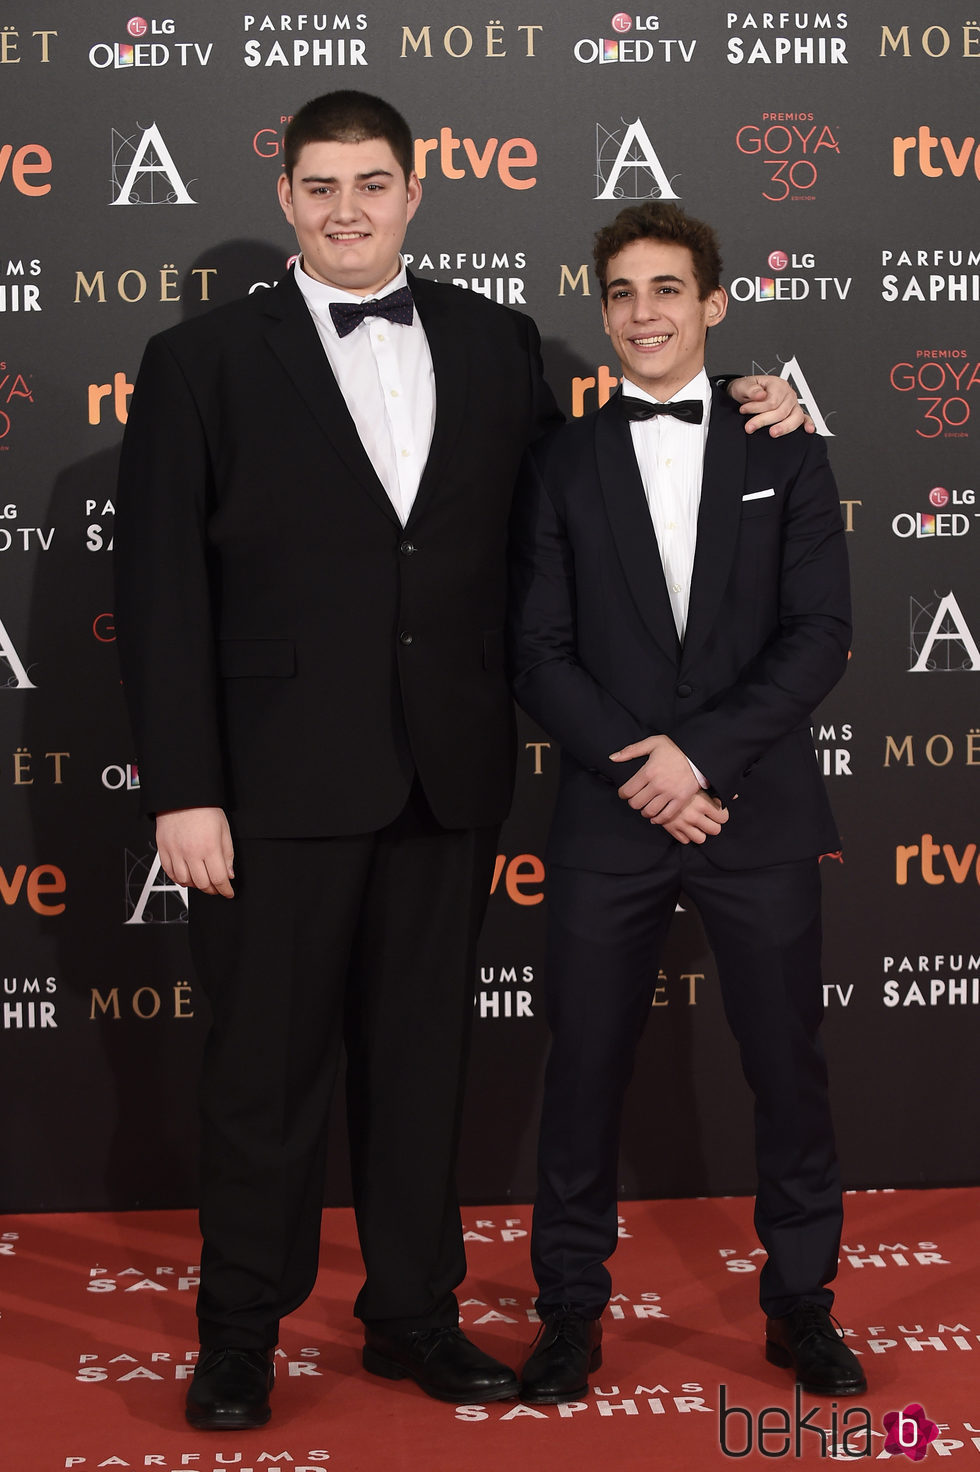 Antonio Bachiller y Miguel Herrán en la alfombra roja de los Premios Goya 2016